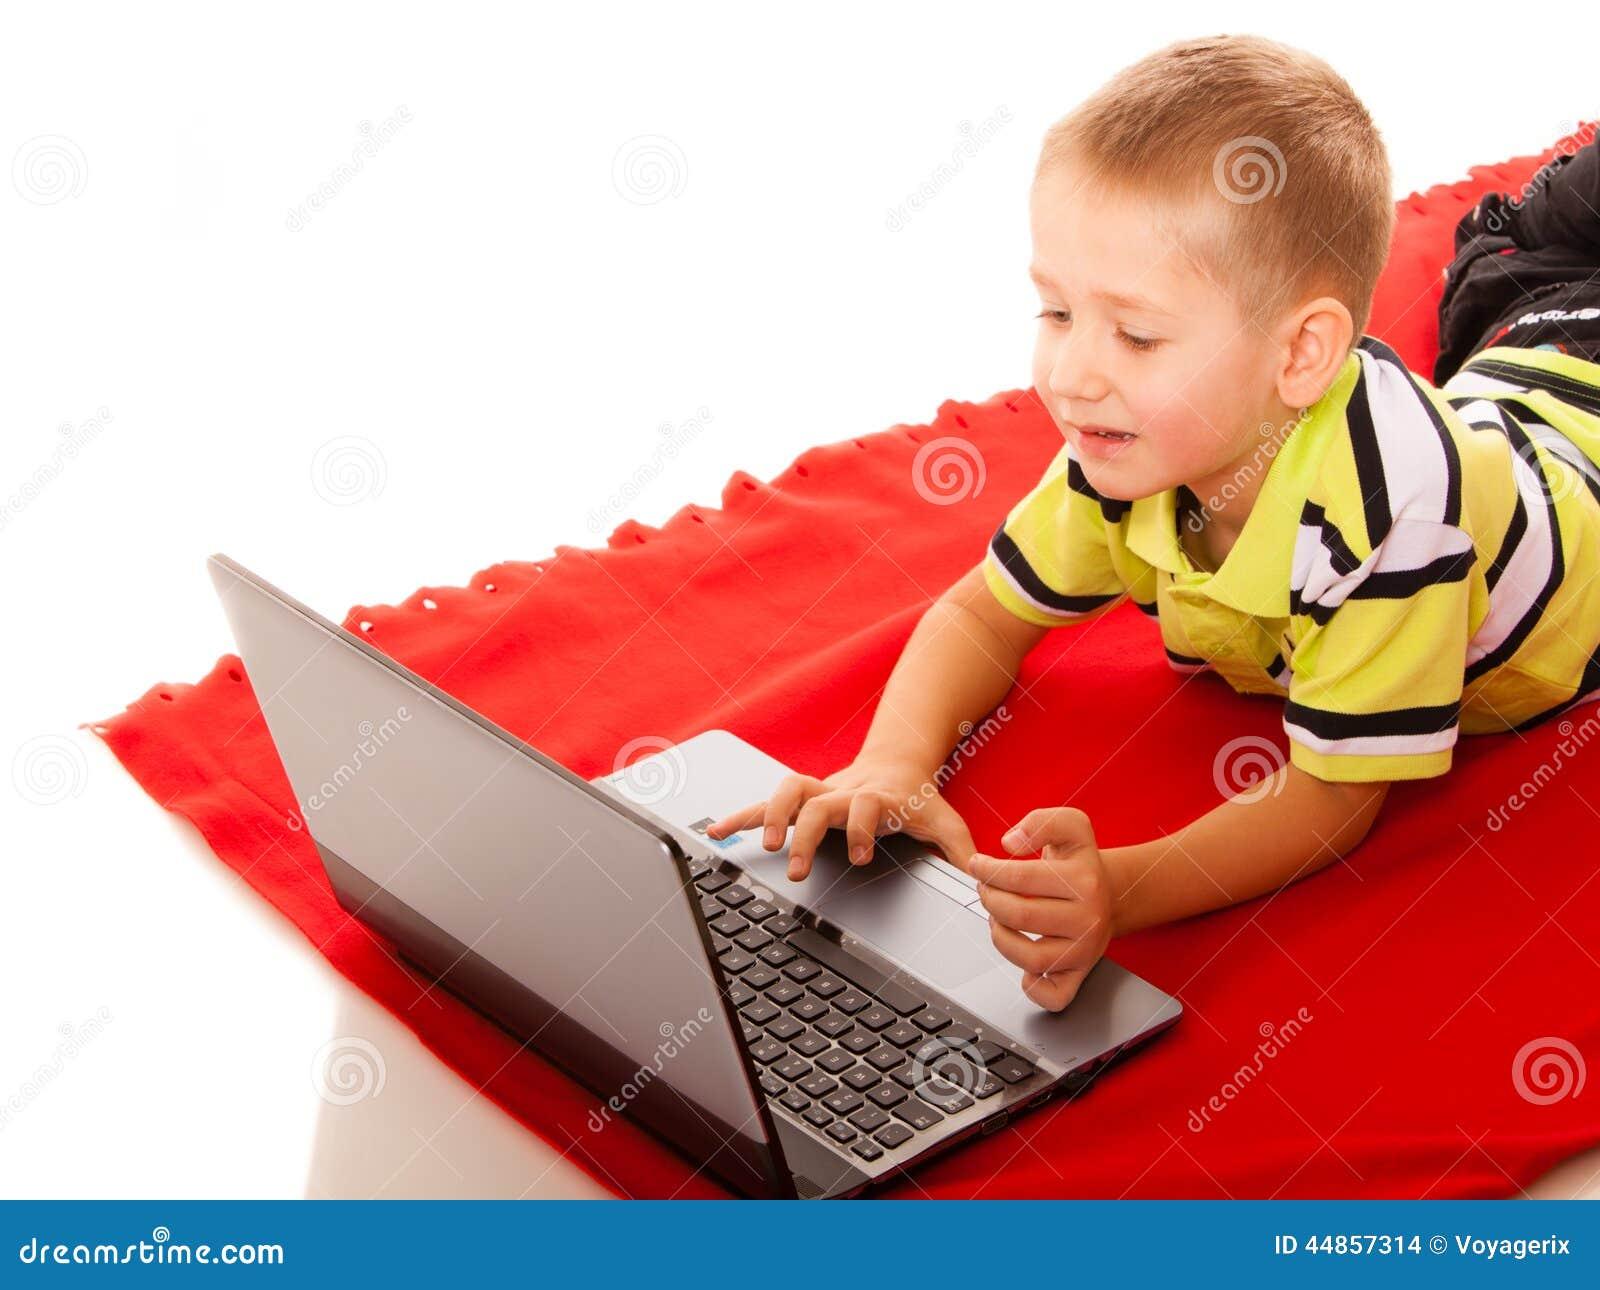 Educación, Internet de la tecnología - niño pequeño con el ordenador portátil